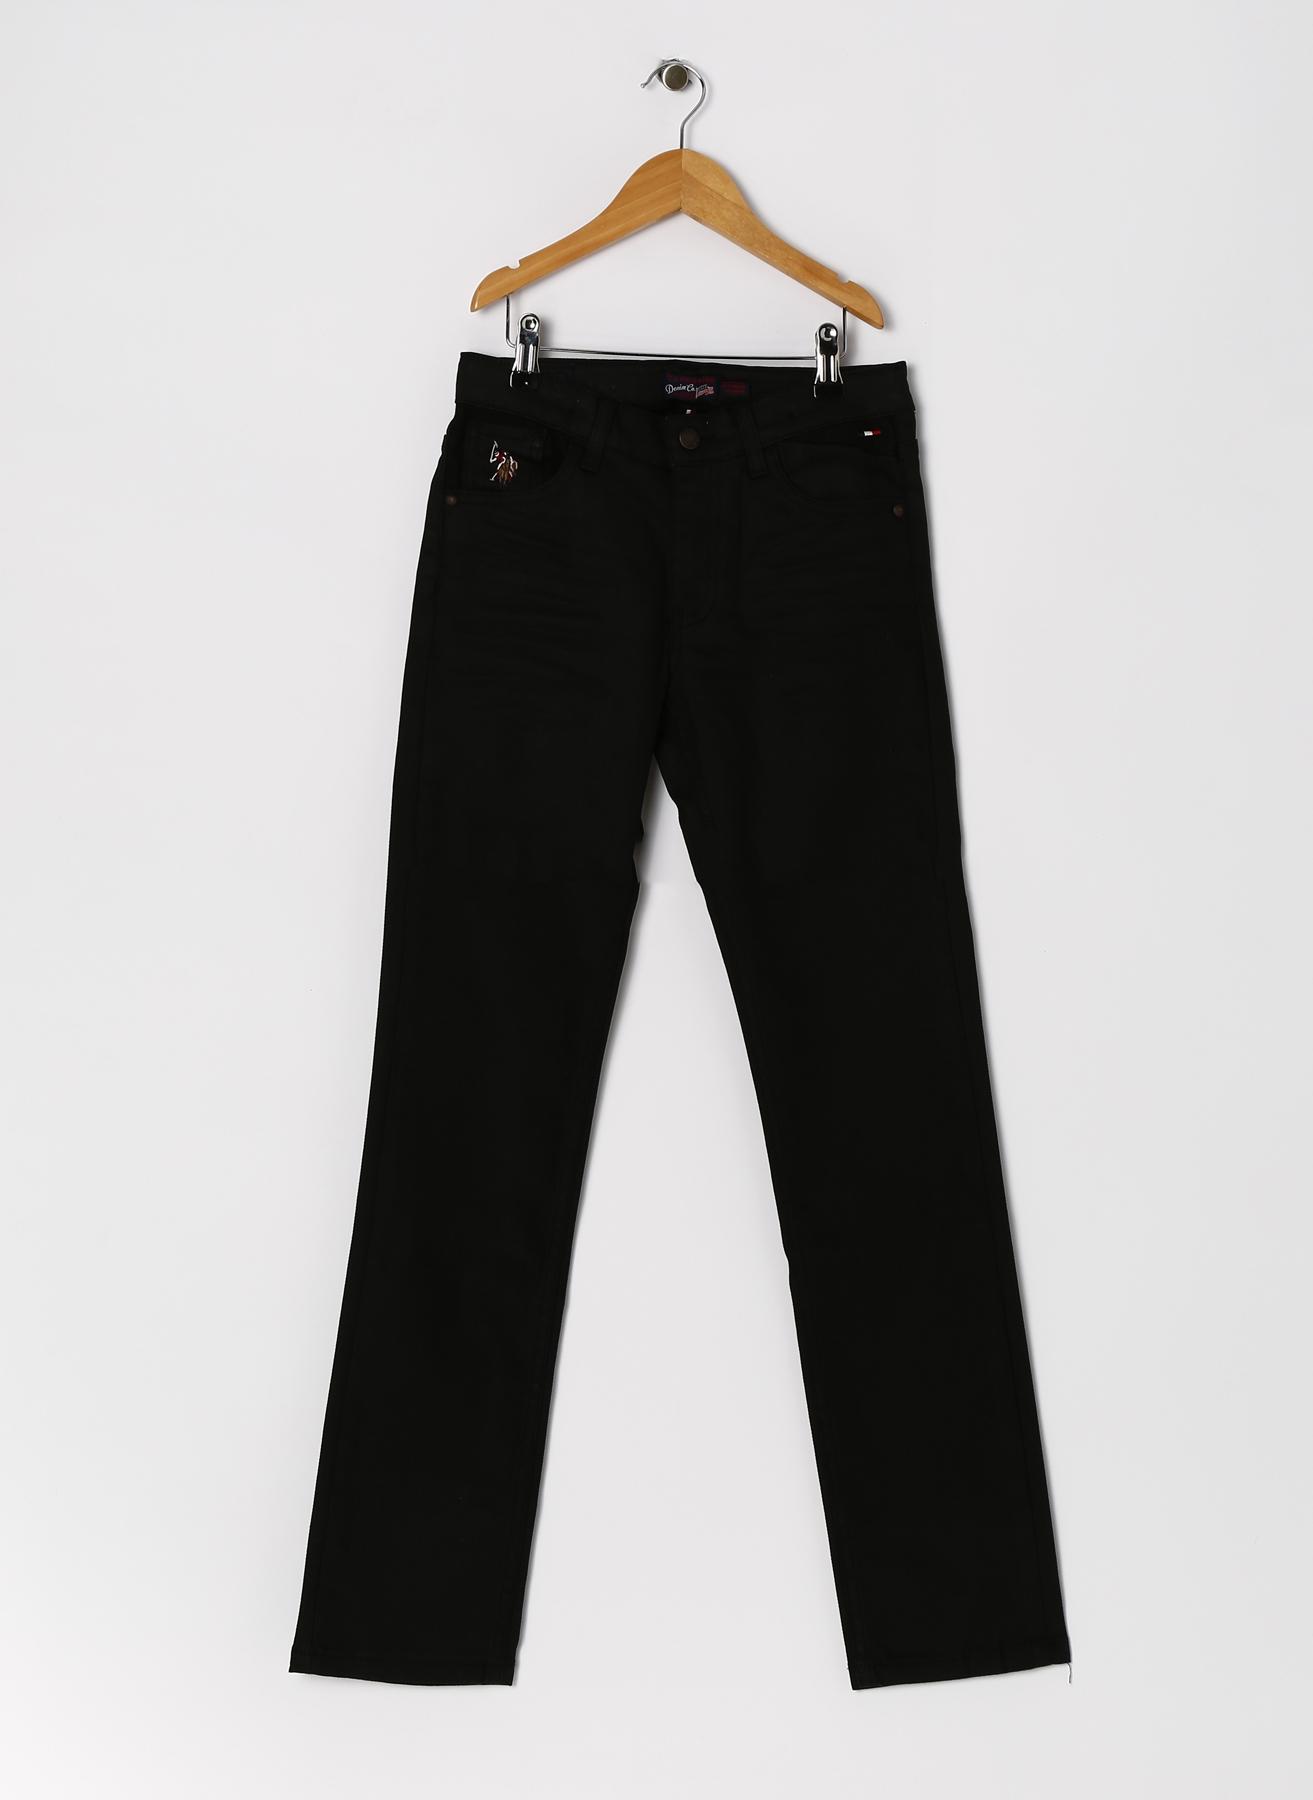 U.S. Polo Assn. Pantolon 4 Yaş 5001704512005 Ürün Resmi